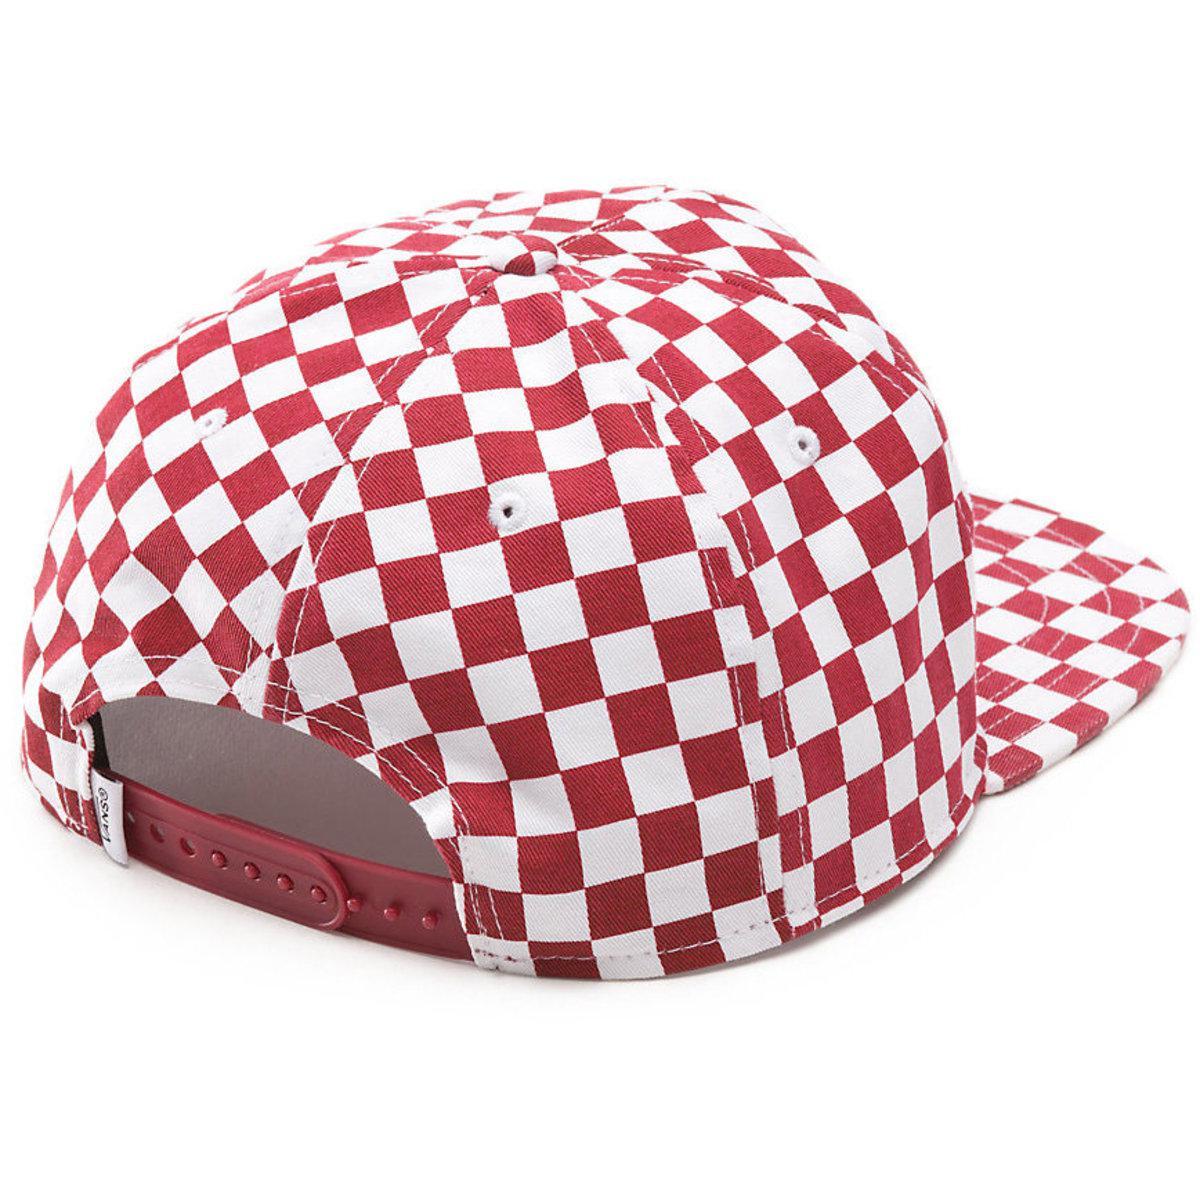 Vans - Red Van Doren Special Snapback Cap for Men - Lyst. View fullscreen 7a379a42ce8f